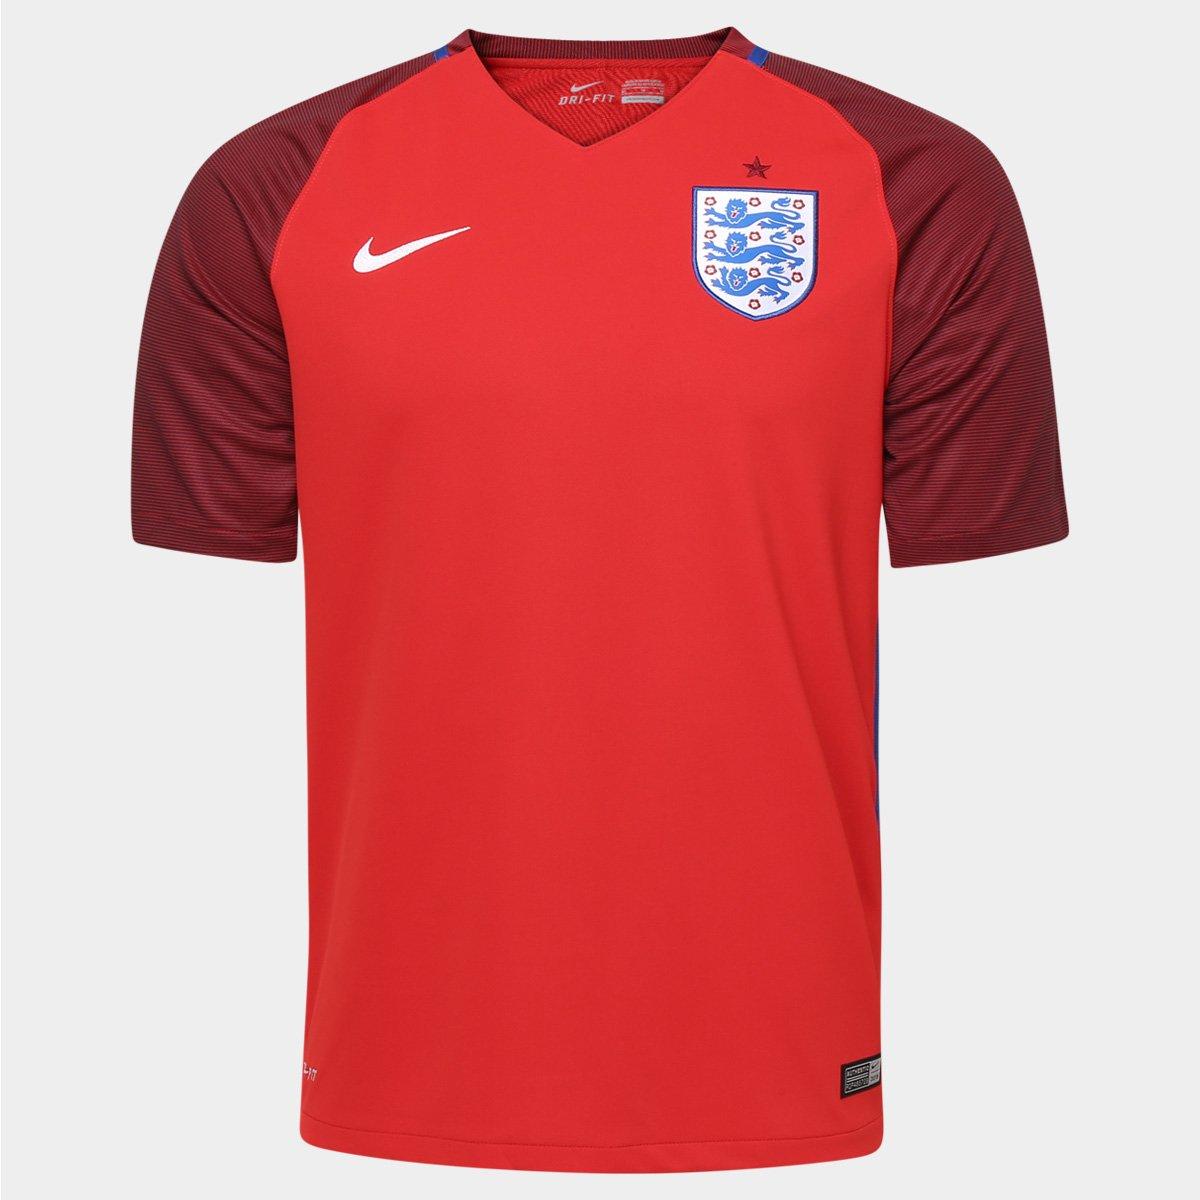 5f980c8413 Camisa Seleção Inglaterra Away 2016 s nº Torcedor Nike Masculina - Compre  Agora